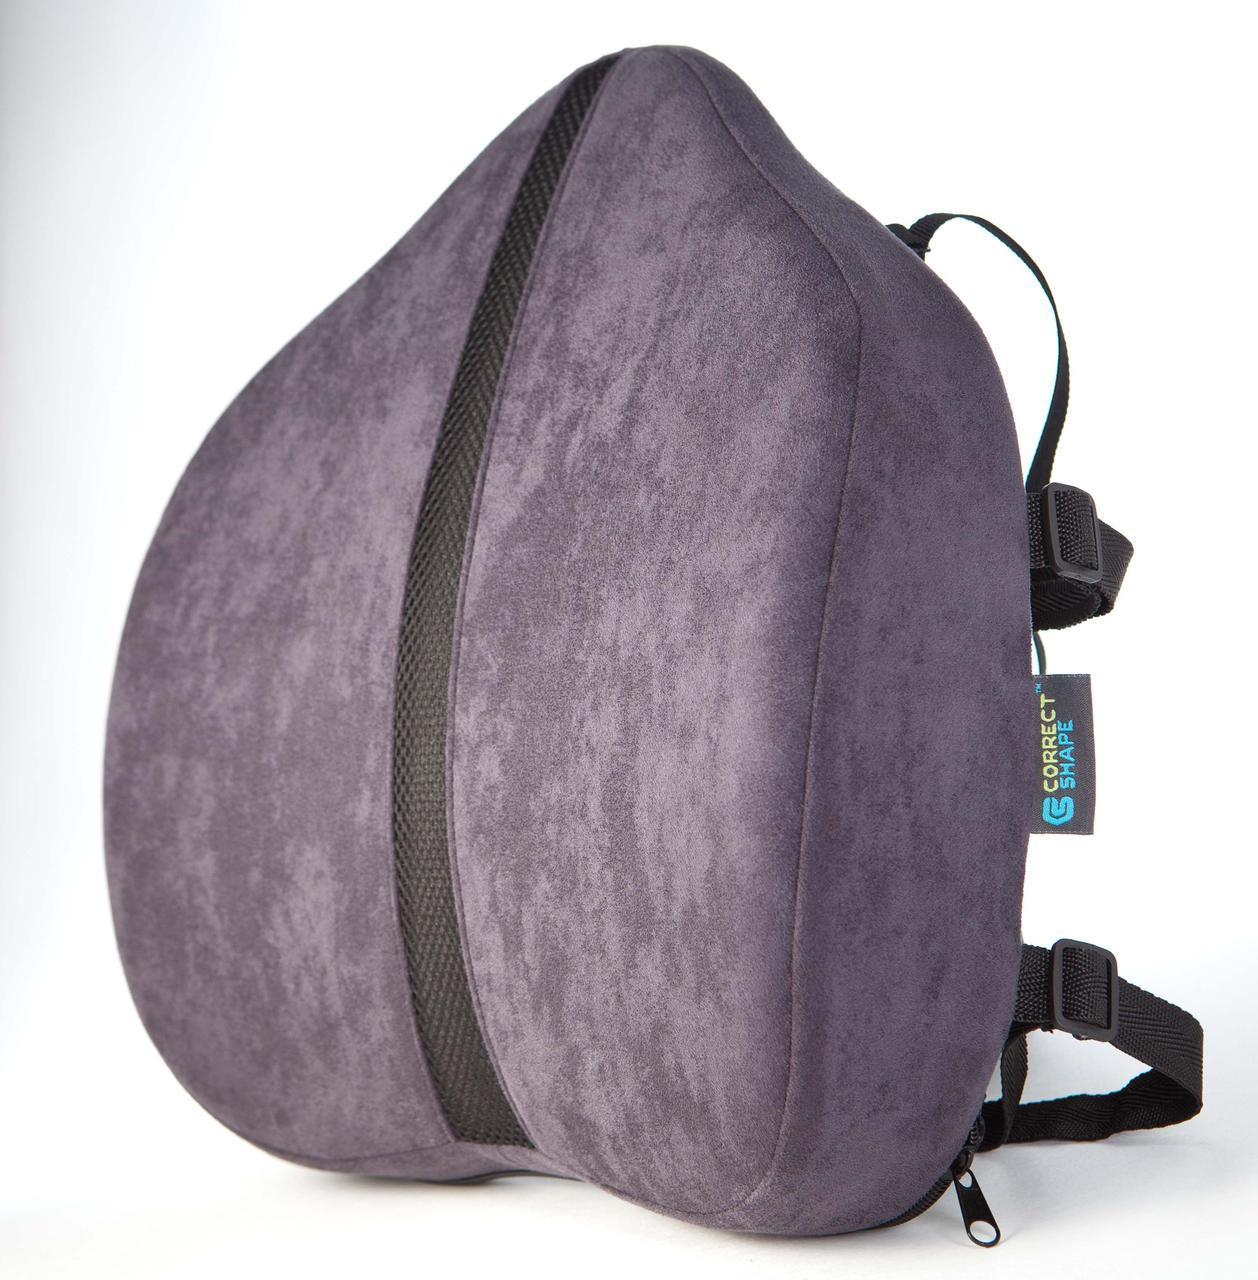 Подушка под поясницу - Сorrect Line Max, ТМ Correct Shape, цвет черный, синий